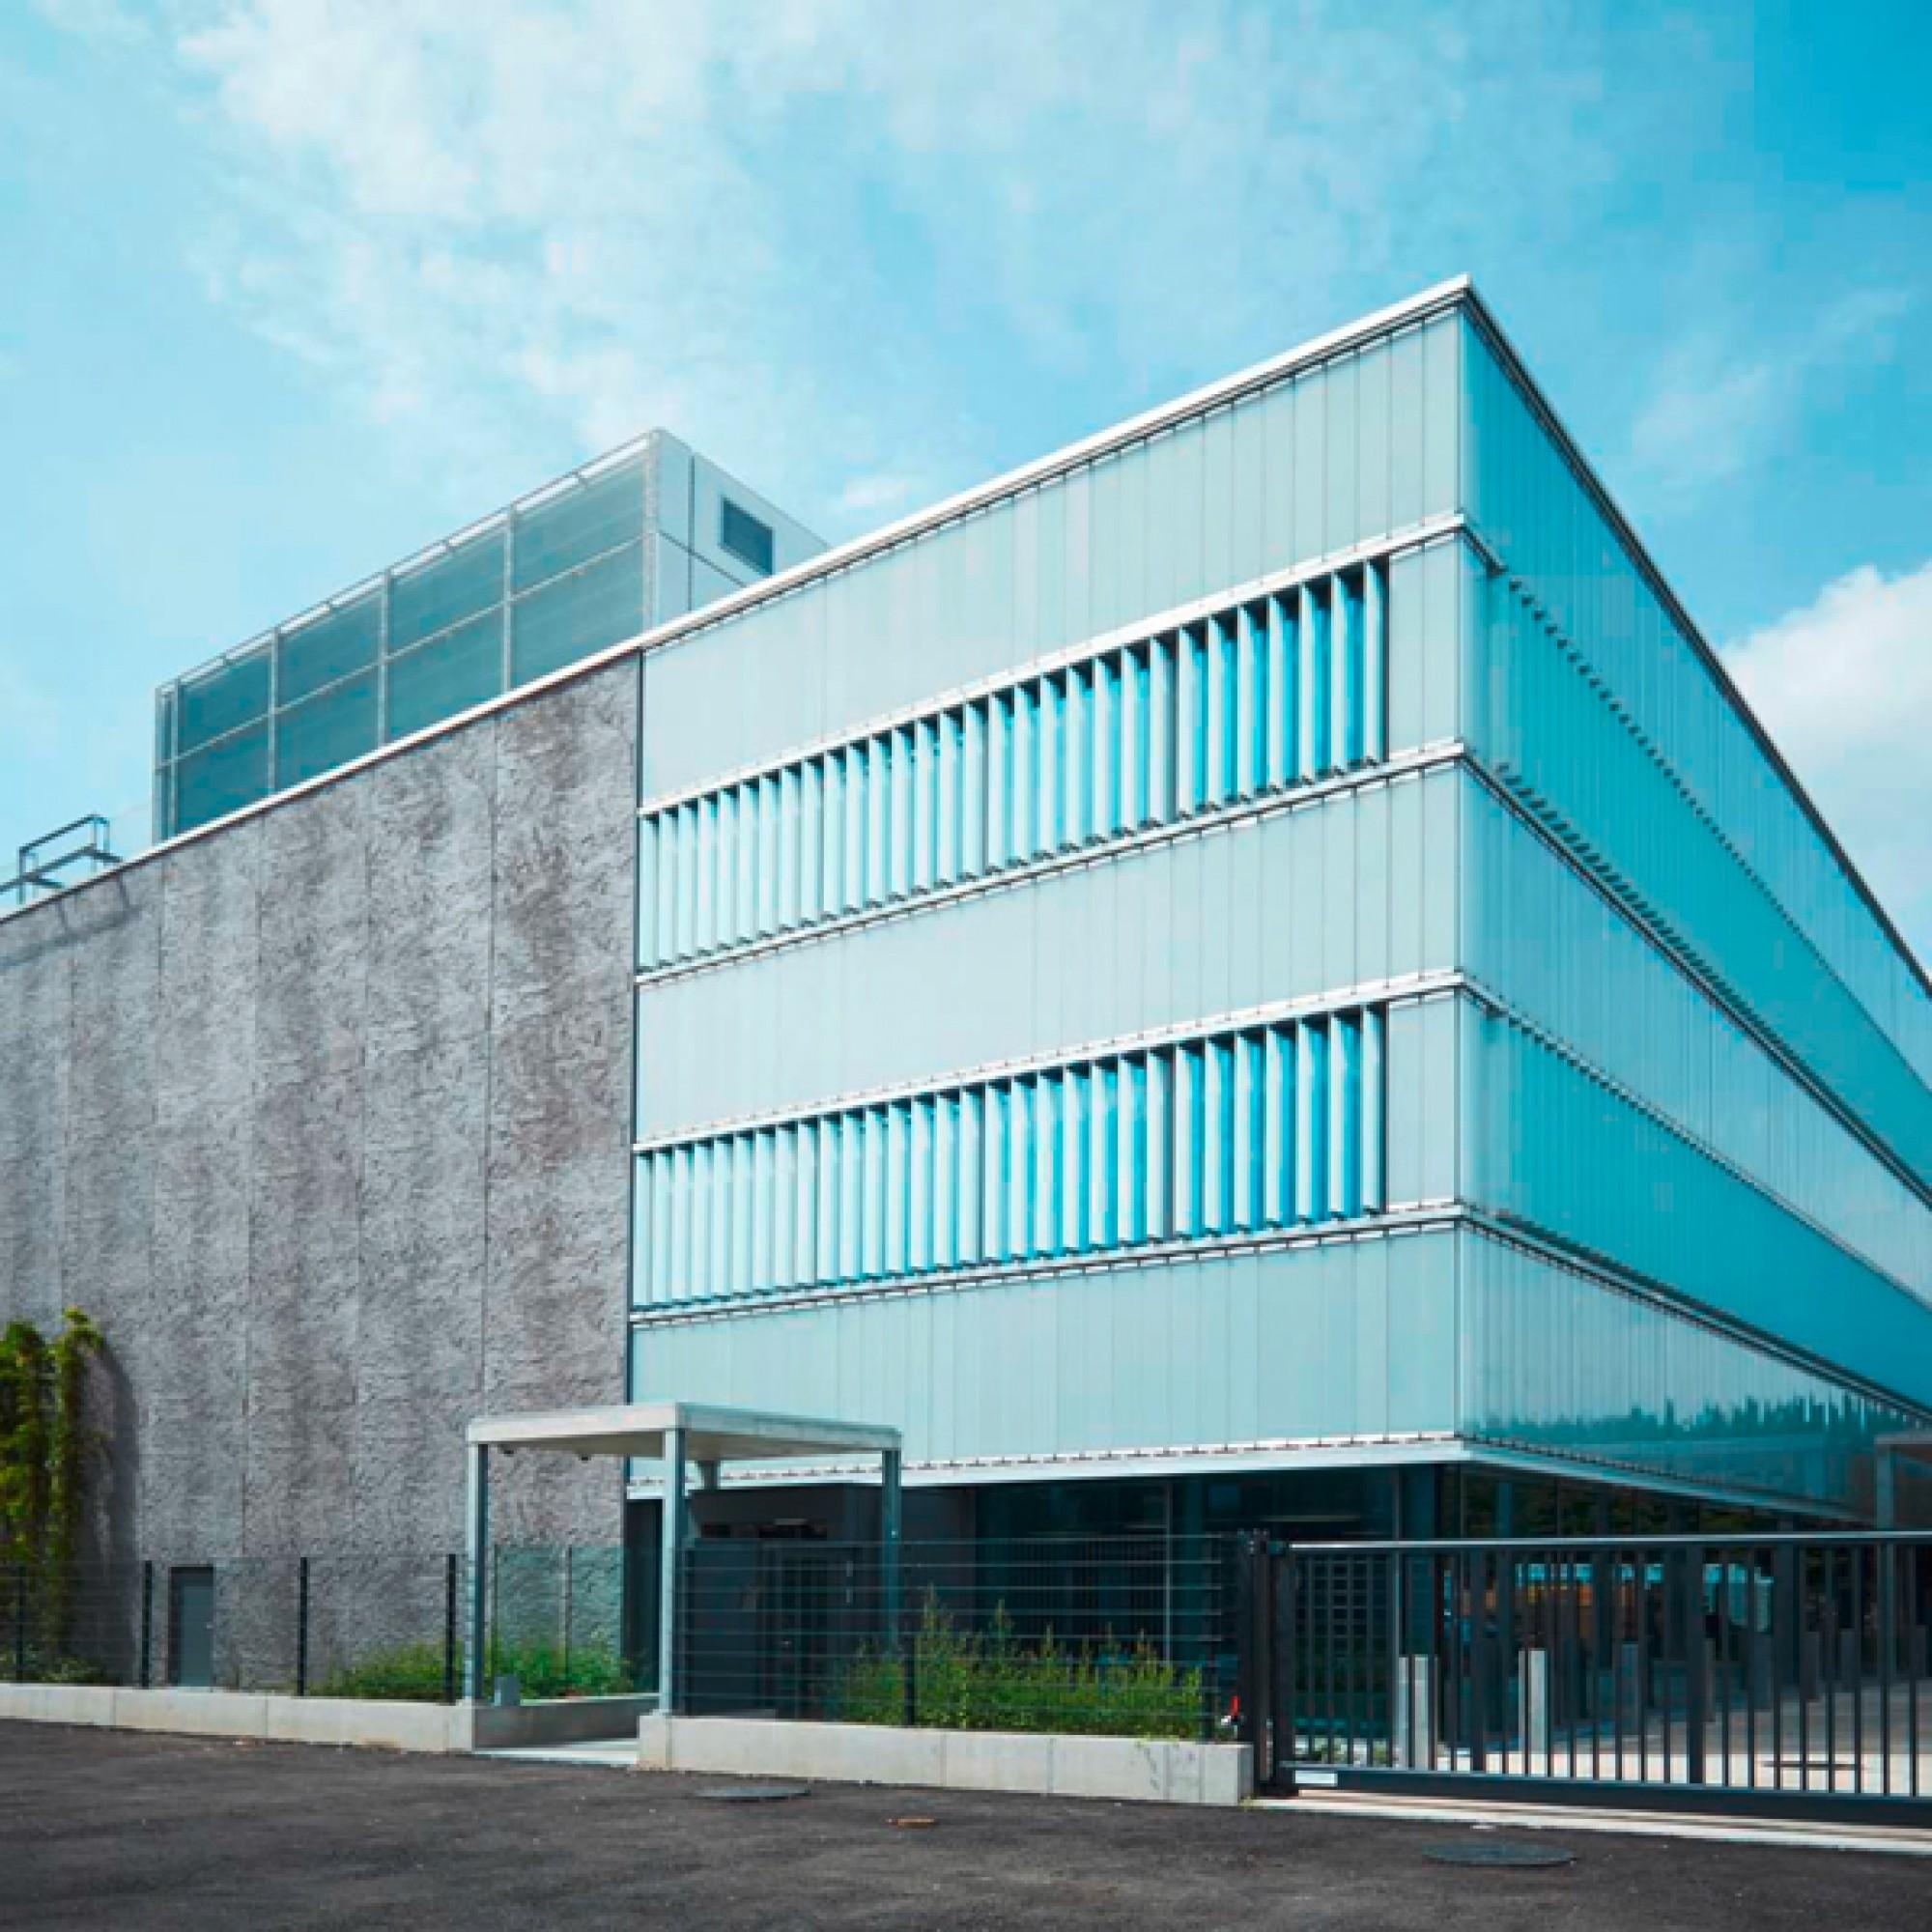 Preiswürdig: Rechenzentrum der Swisscom in Bern-Wankdorf  (PD)